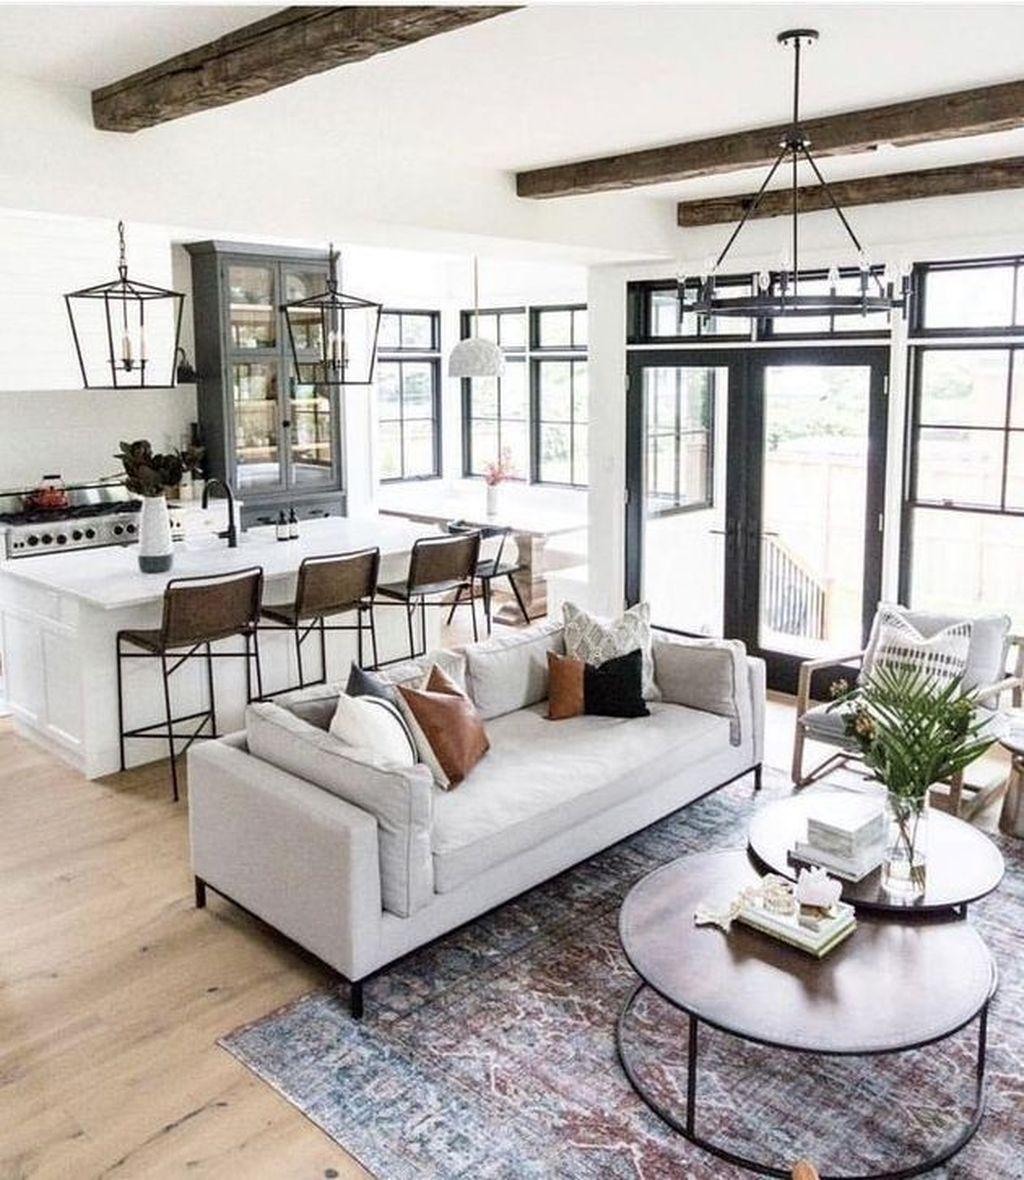 Amazing Contemporary Living Room Design Ideas You Should Copy 26